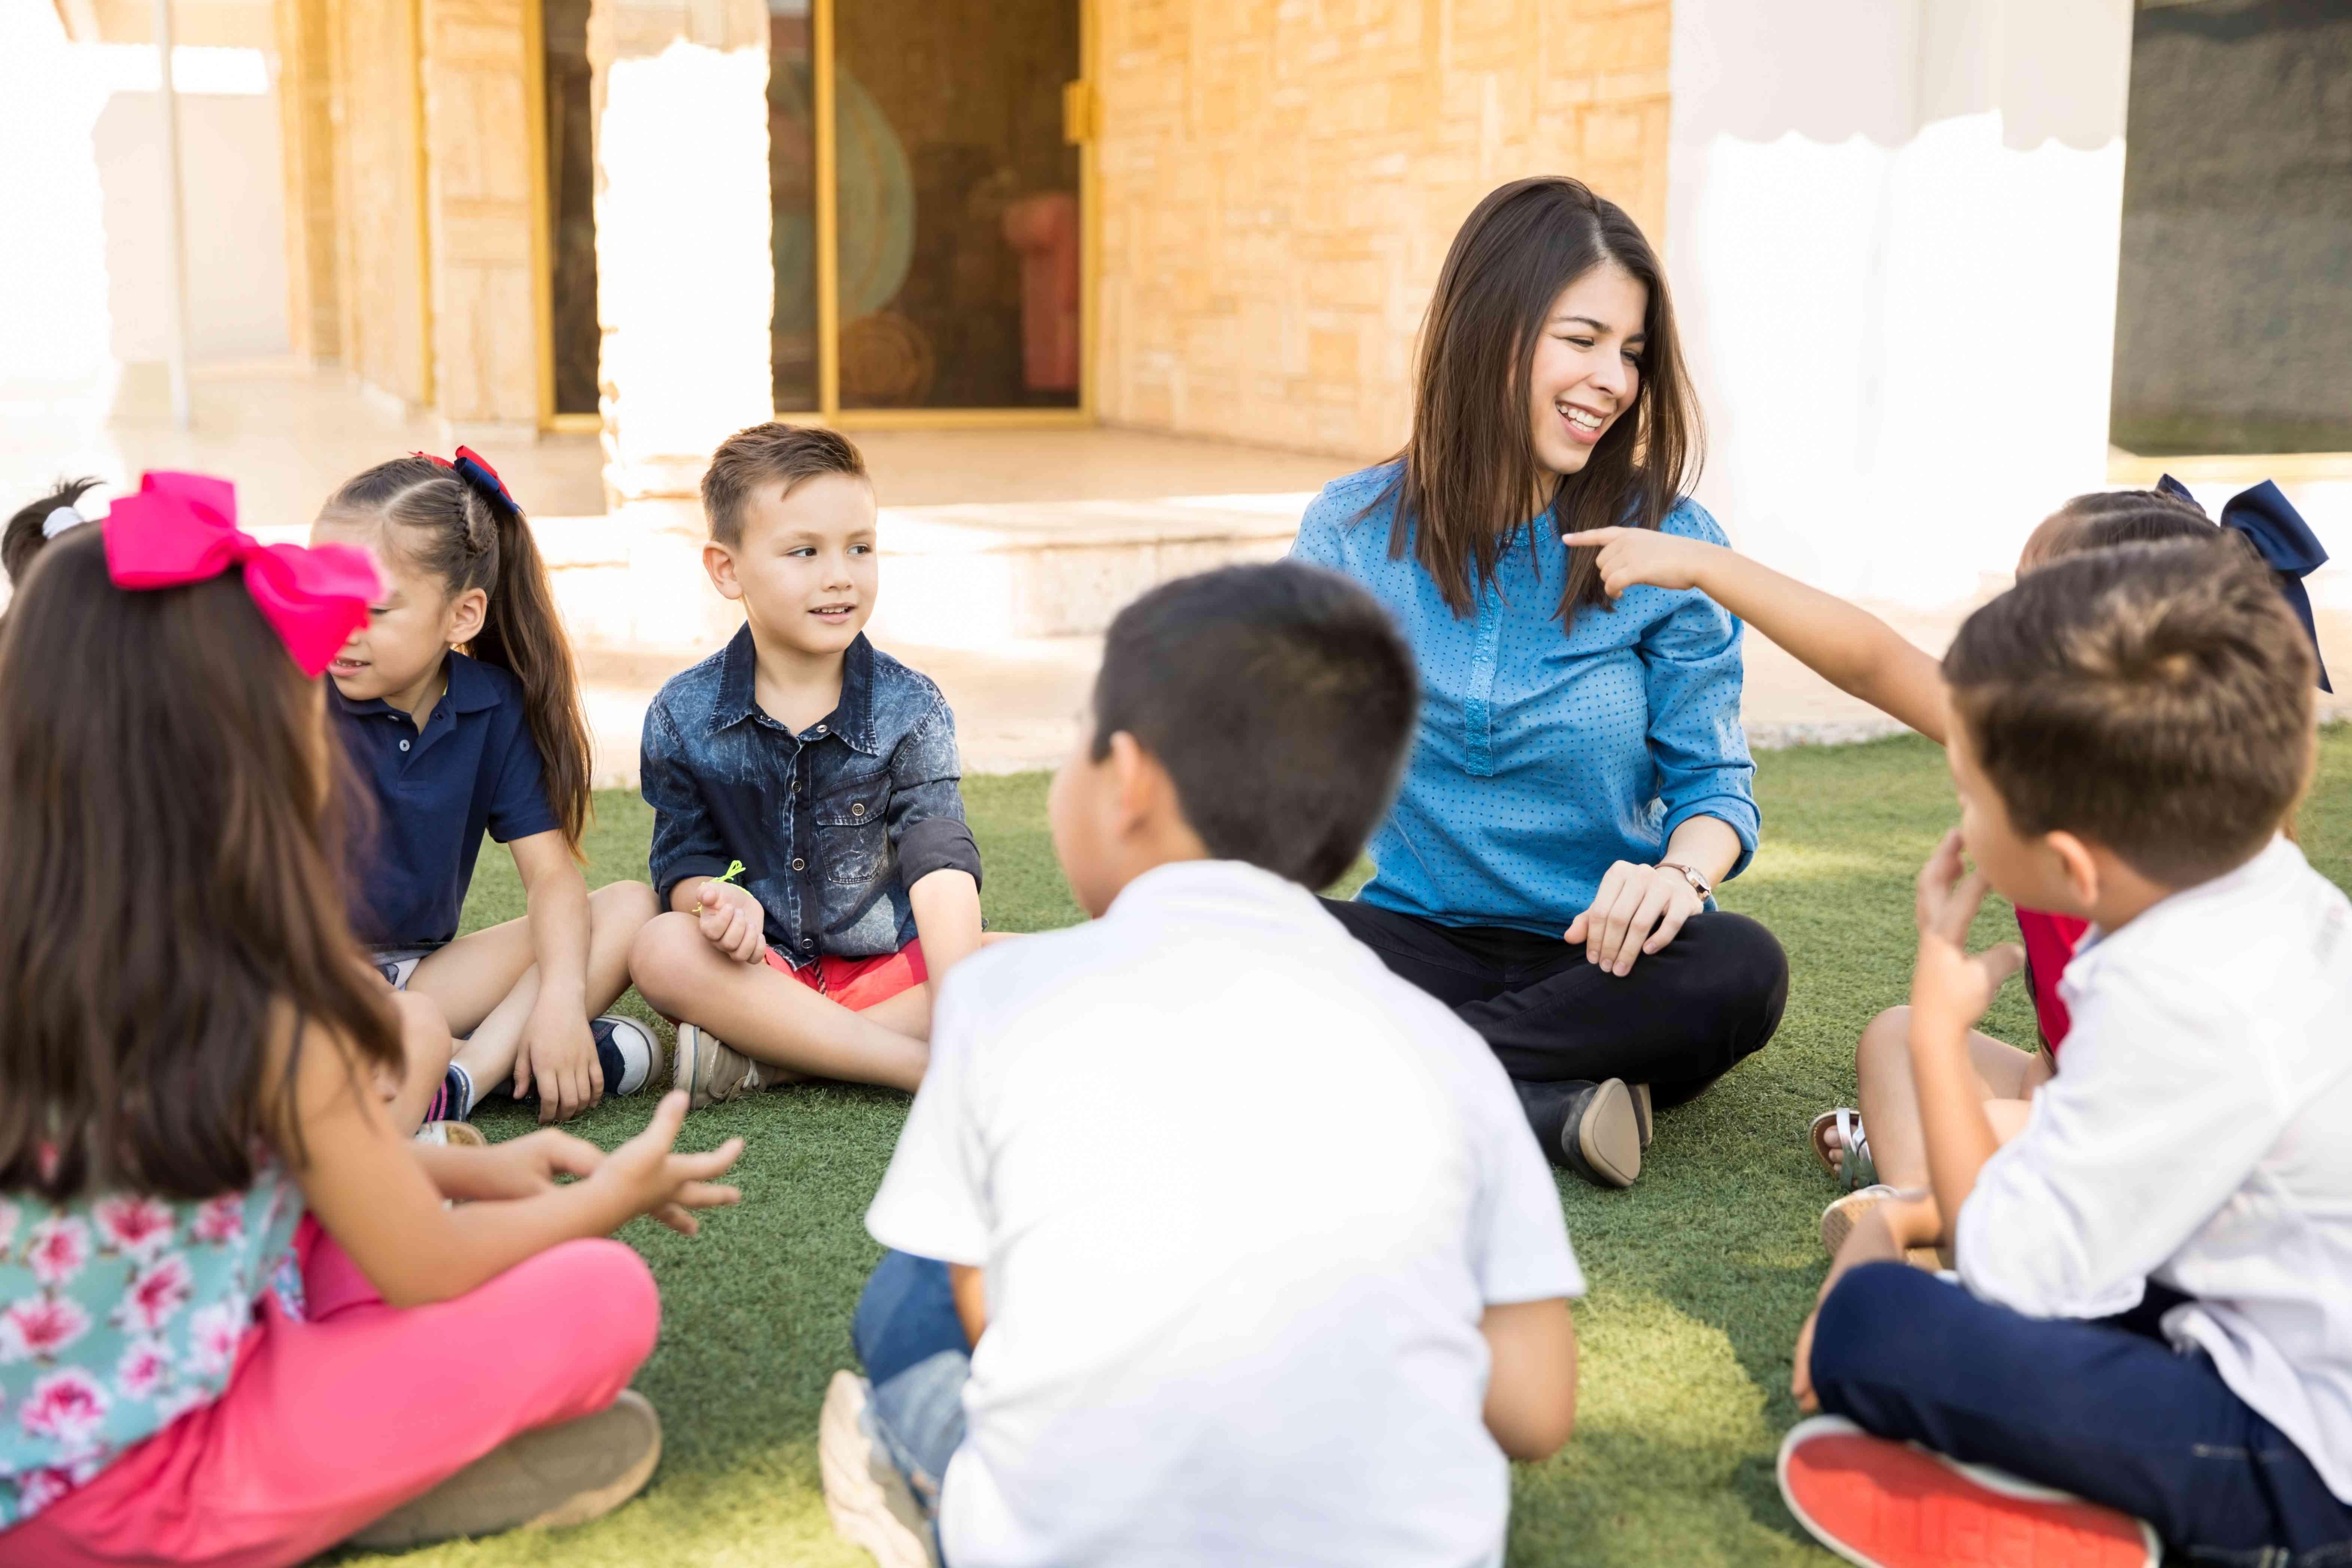 Kids having a preschool class outdoors